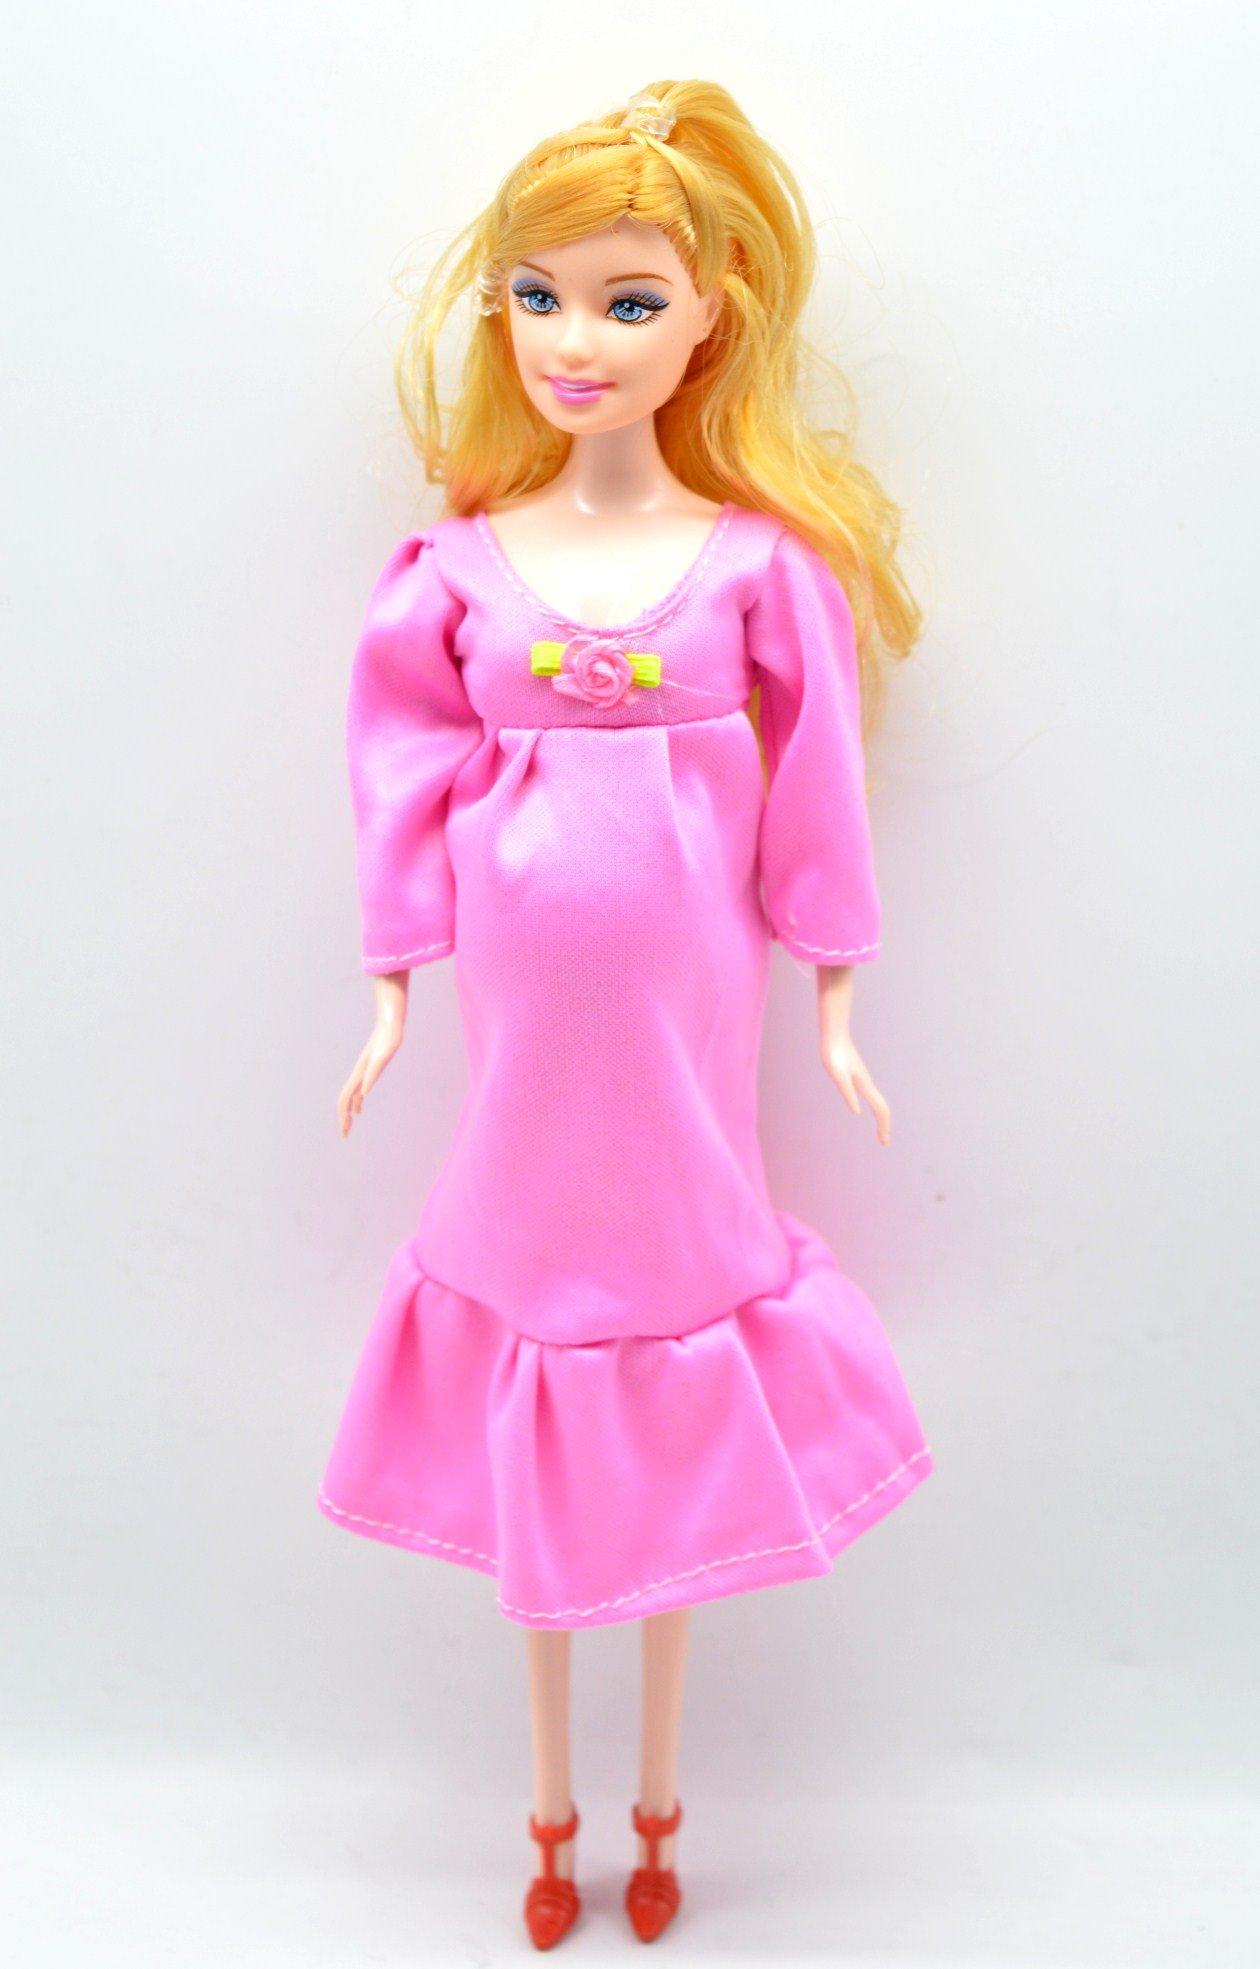 Big Barbie Dollhouse Home Decor Photos Gallery